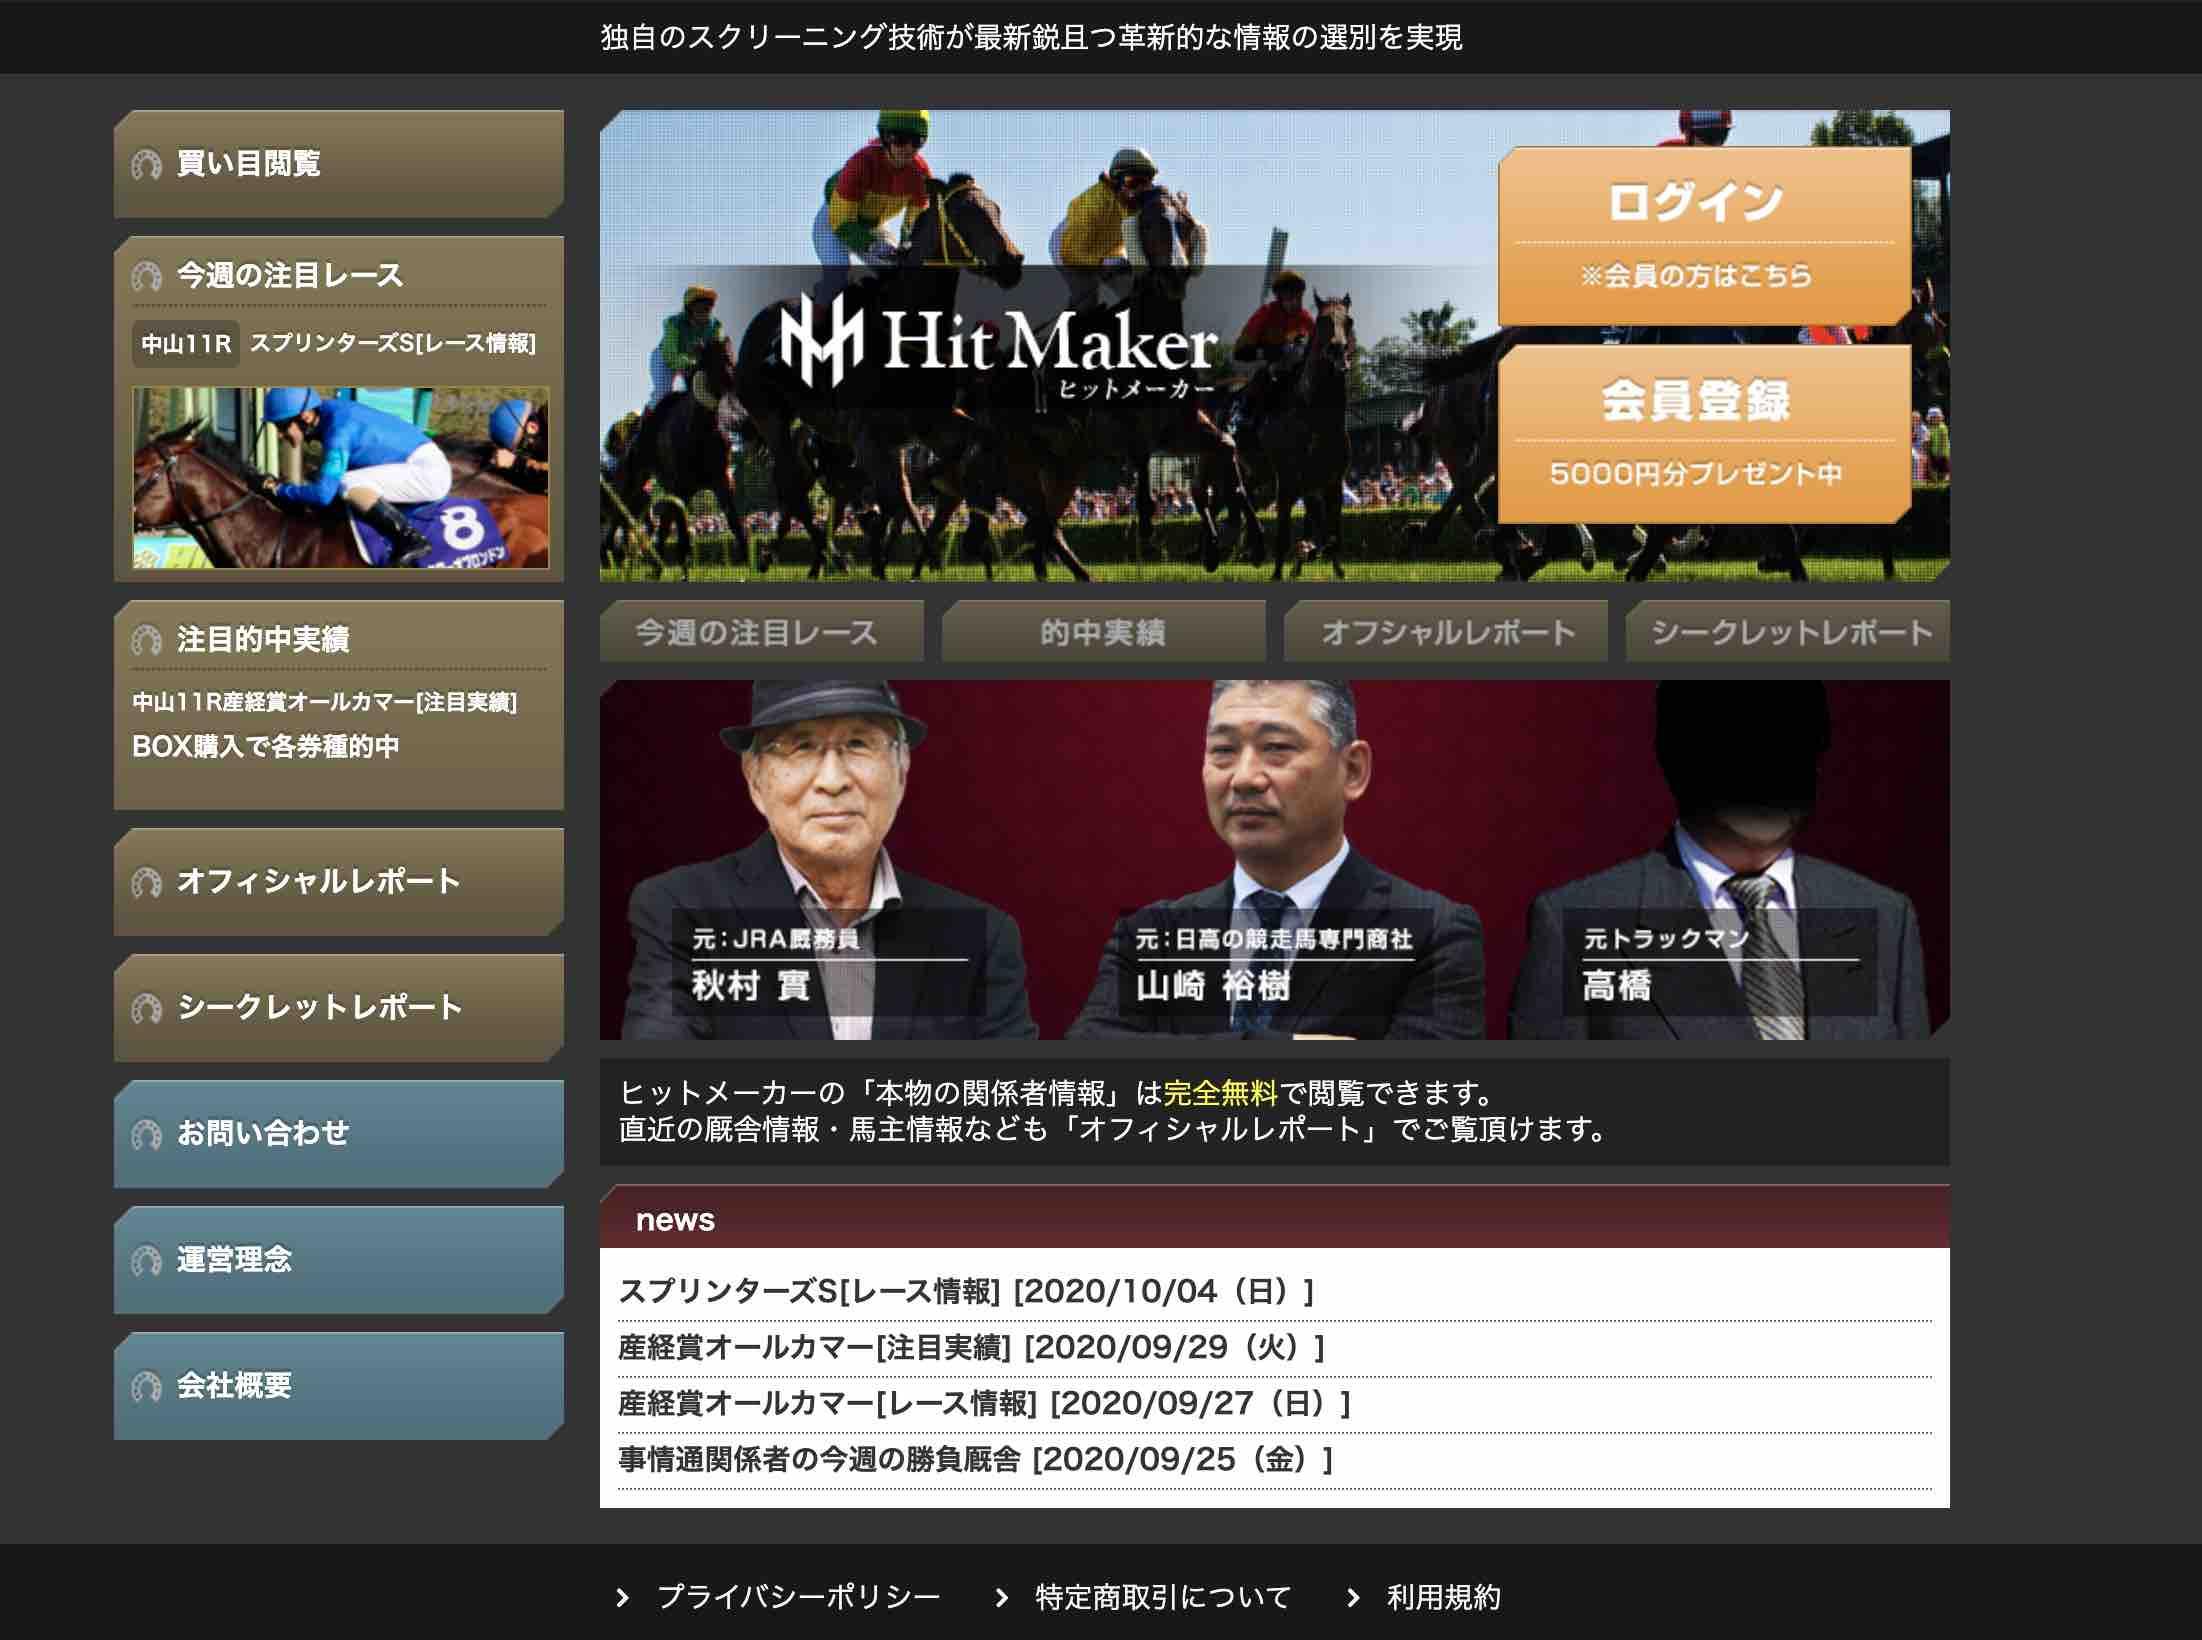 ヒットメーカー(HitMaker)という競馬予想サイトの会員登録前ページ